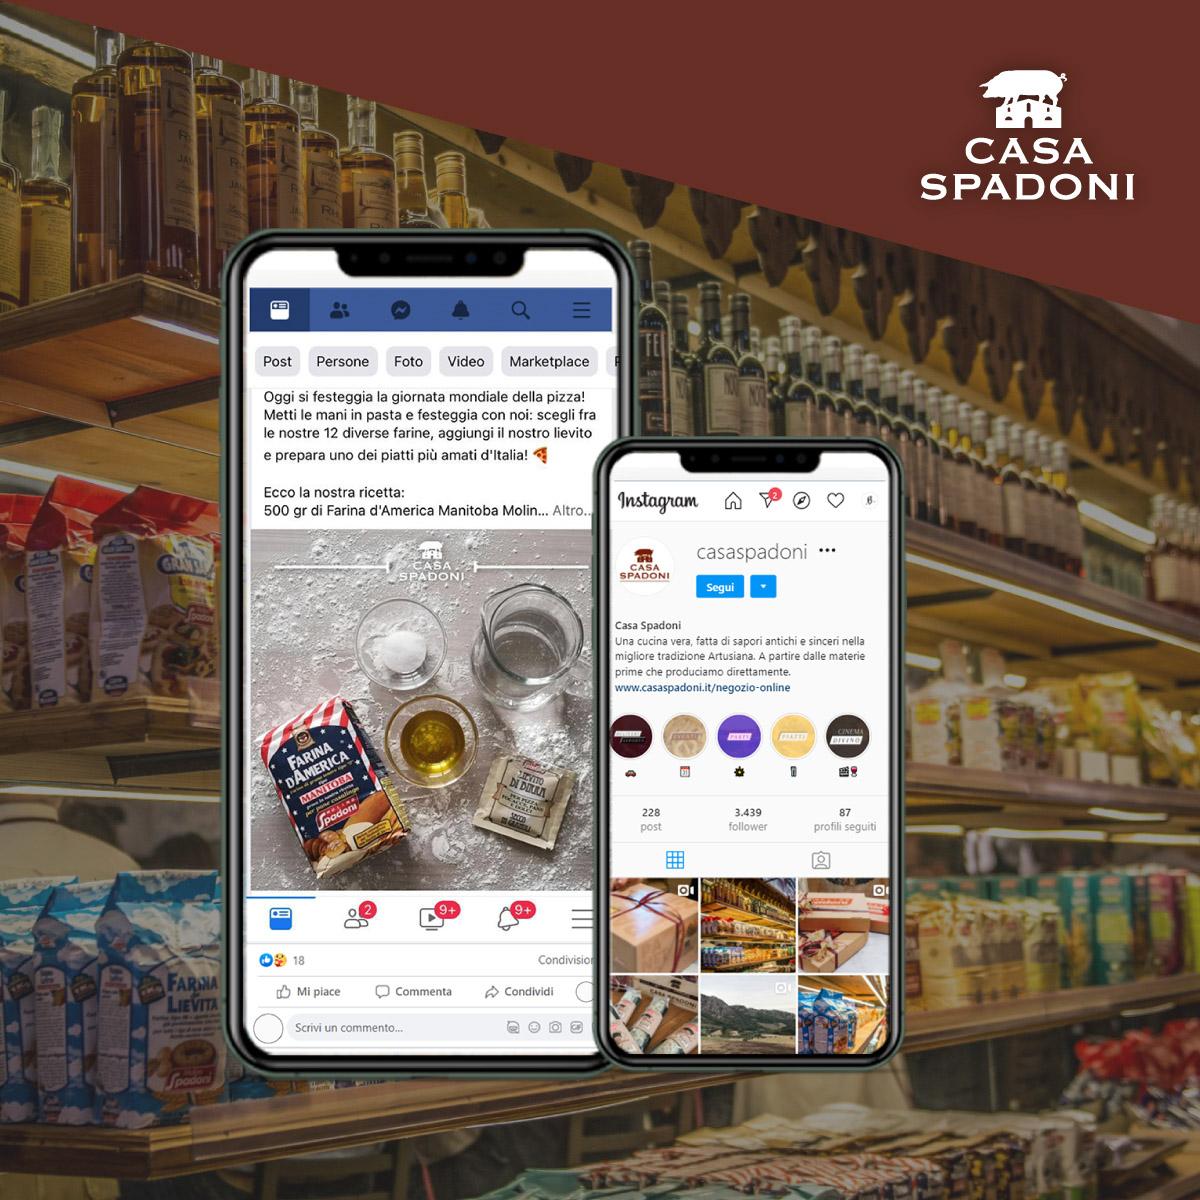 ristoranti-casa-spadoni-food-marketing-social-media-strategy-1